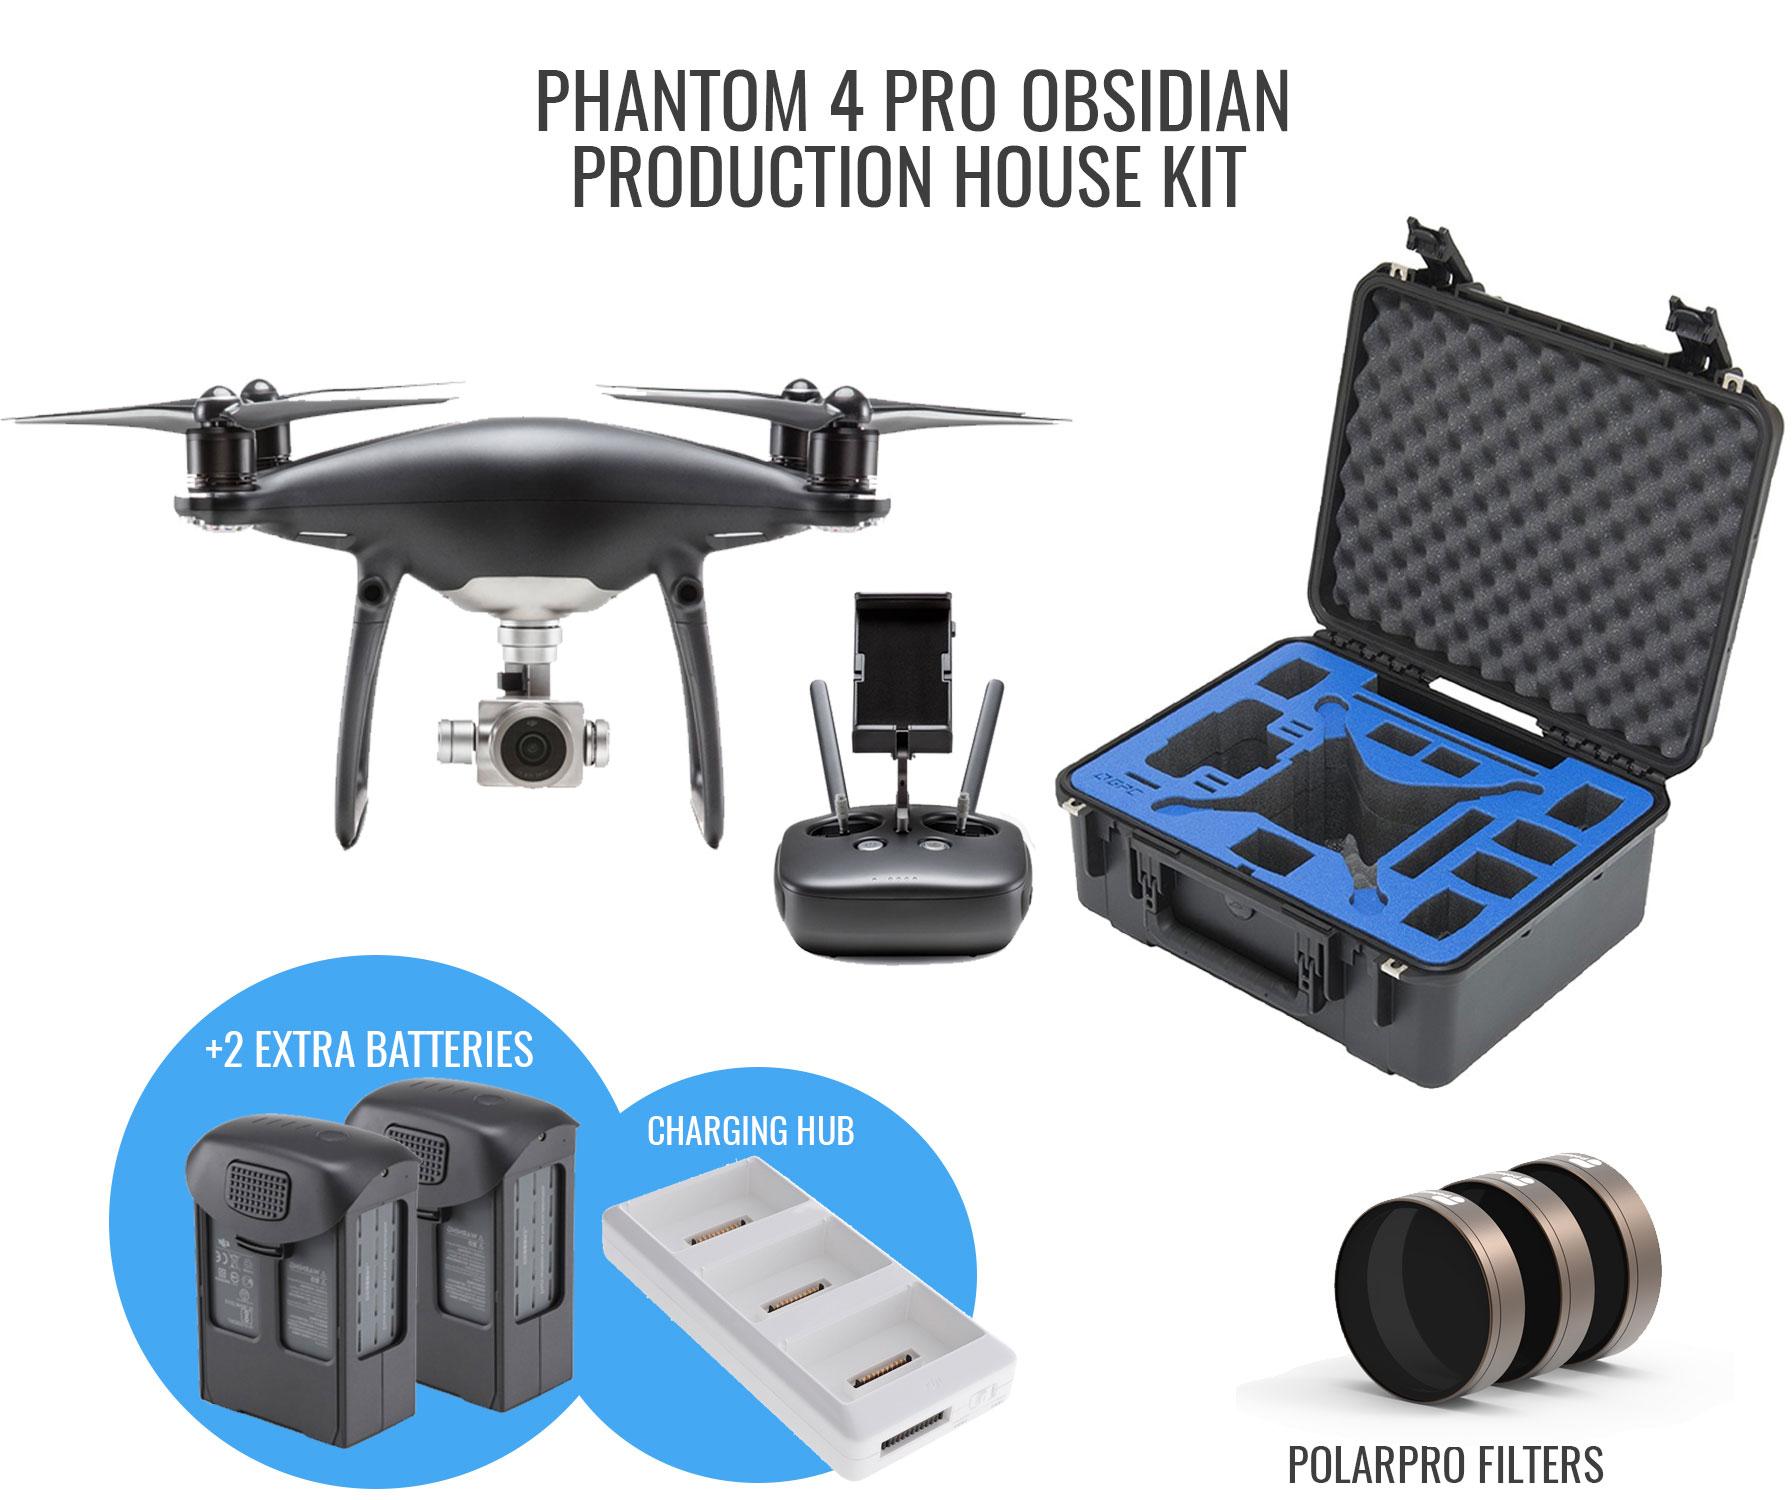 Набор комбо phantom 4 pro по себестоимости заказать виртуальные очки для квадрокоптера в екатеринбург